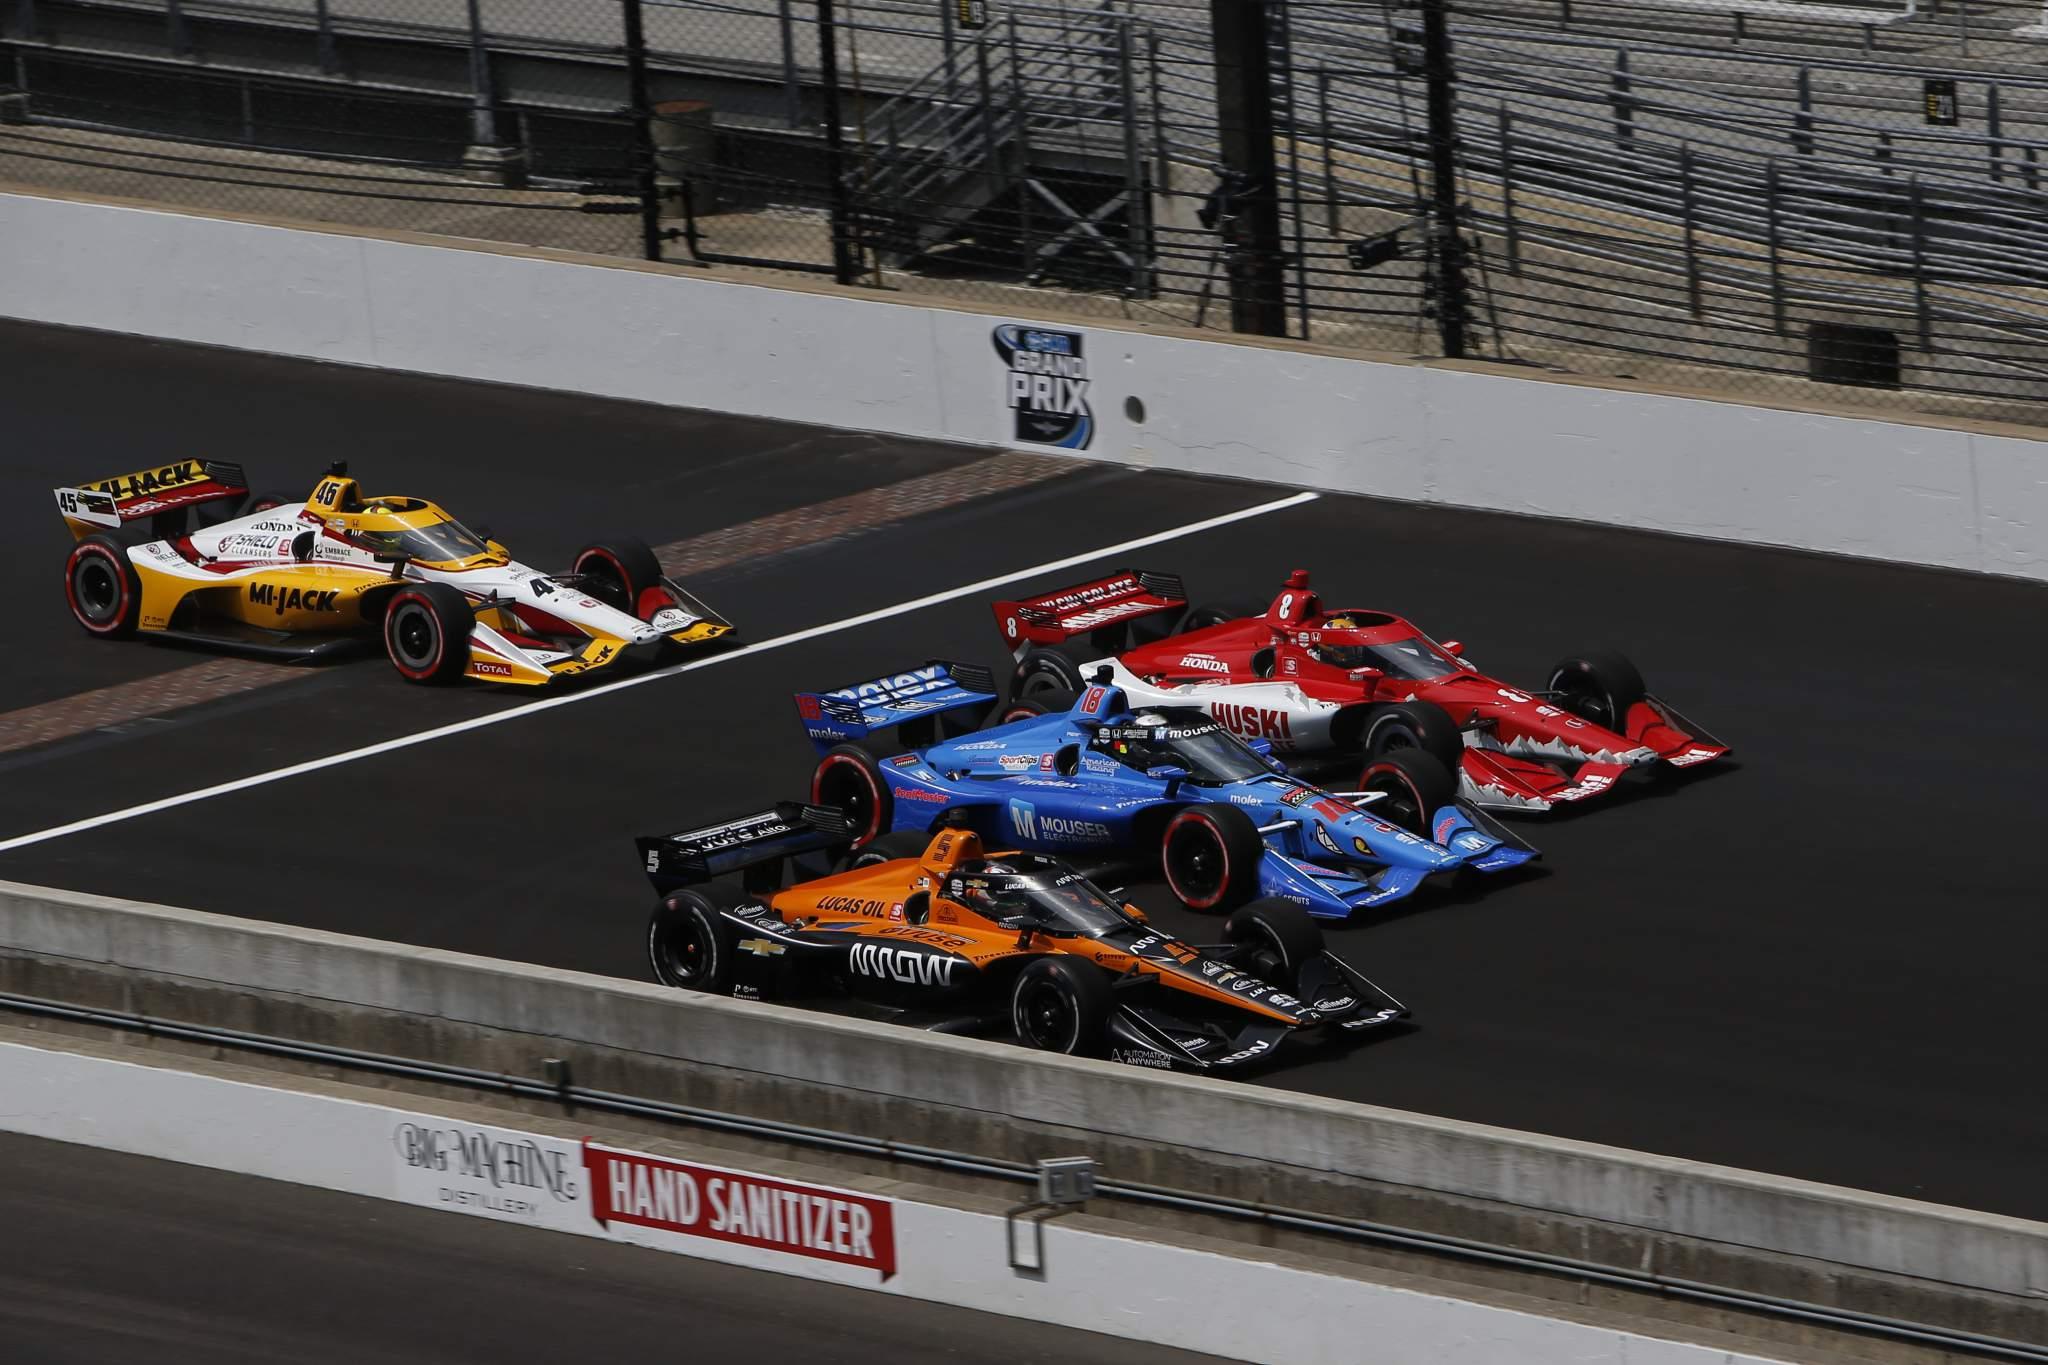 O'ward Ferrucci Ericsson Indycar